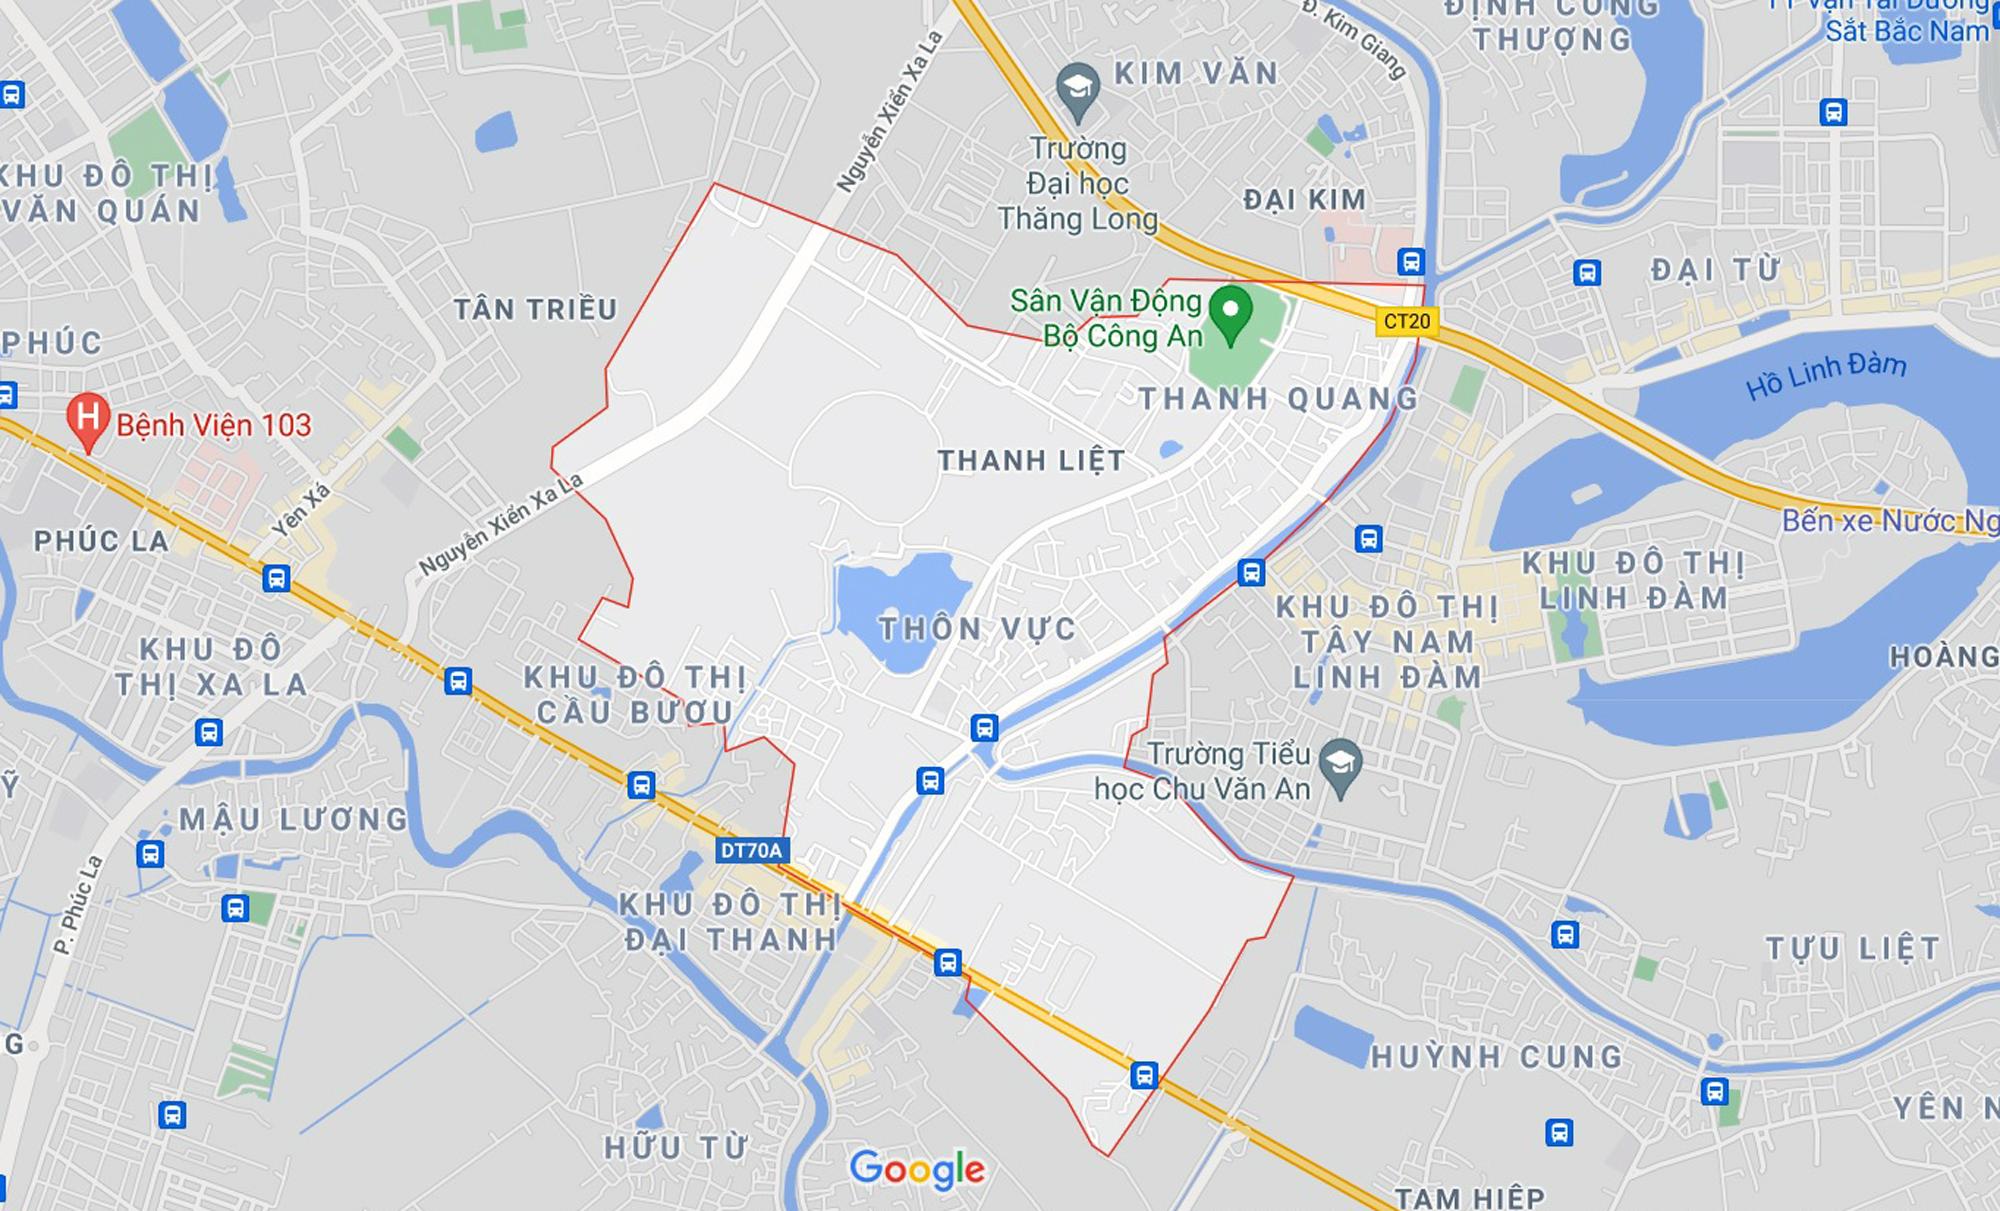 Những khu đất sắp thu hồi để mở đường ở xã Thanh Liệt, Thanh Trì, Hà Nội (phần 1) - Ảnh 1.